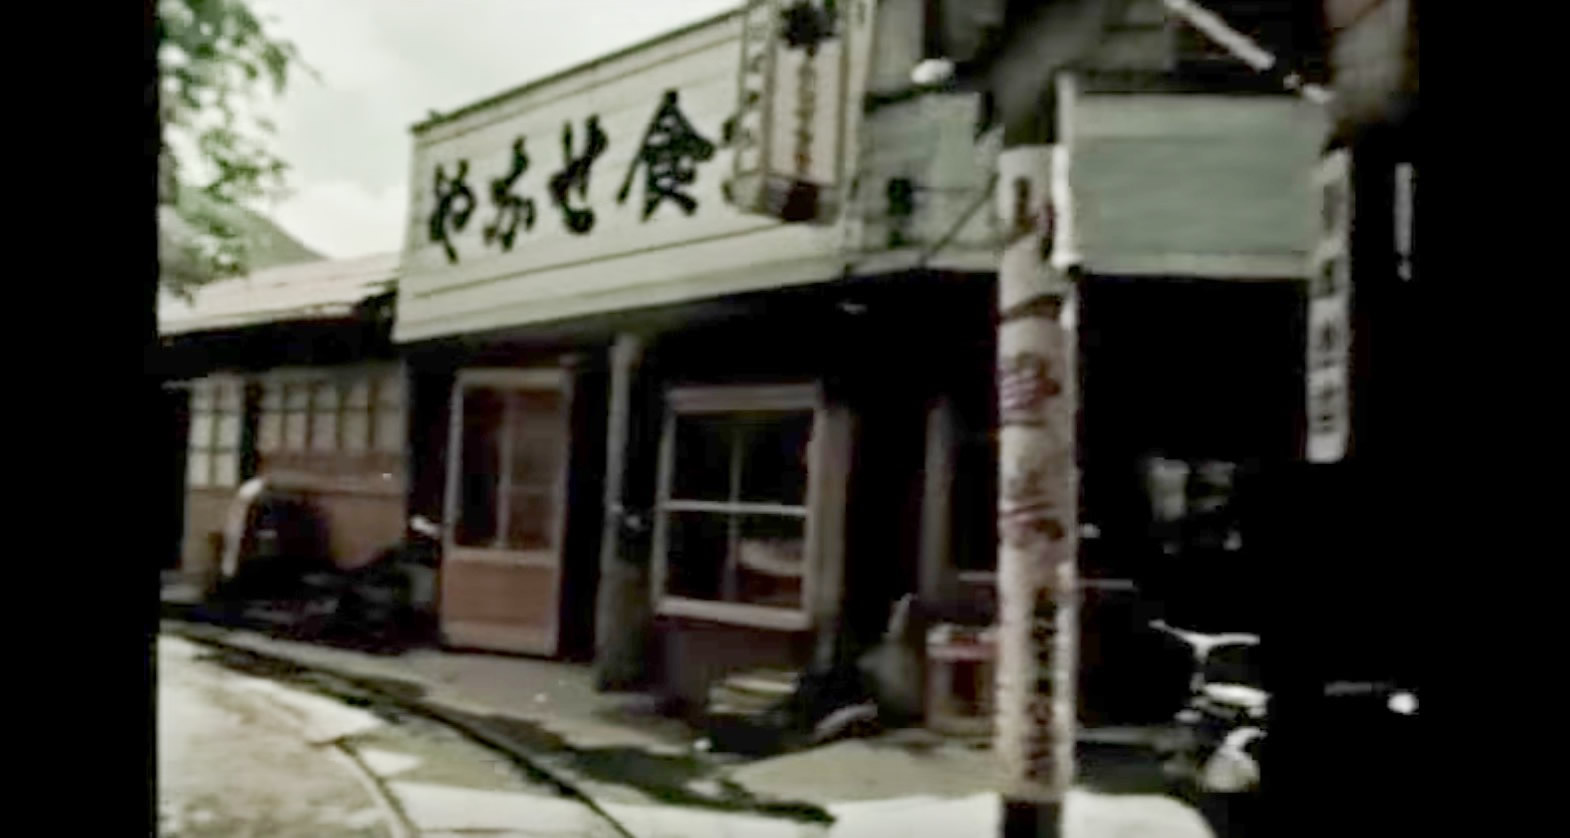 日本にかつてあった、民家の軒先を走る路地裏鉄道「やなせ森林鉄道」